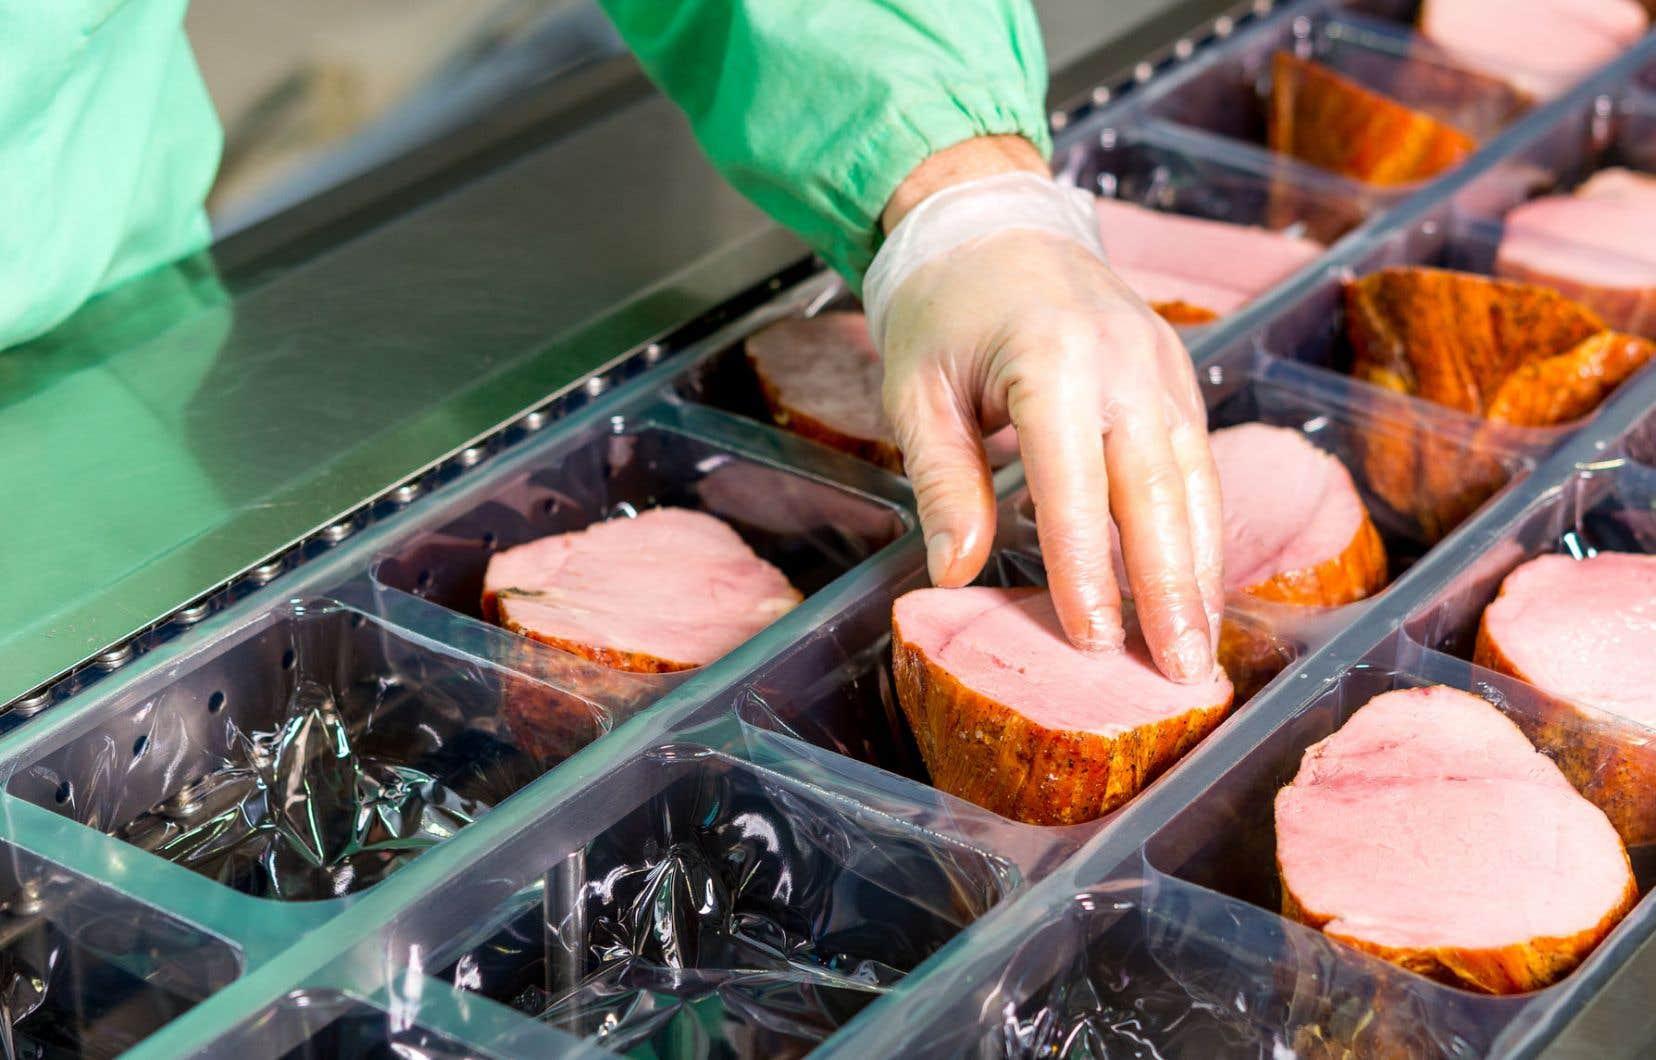 Les trois divisions de Sollio groupe coopératif sont celles de la viande, Olymel; de l'agriculture, Sollio agriculture; et du détail, Groupe BMR.